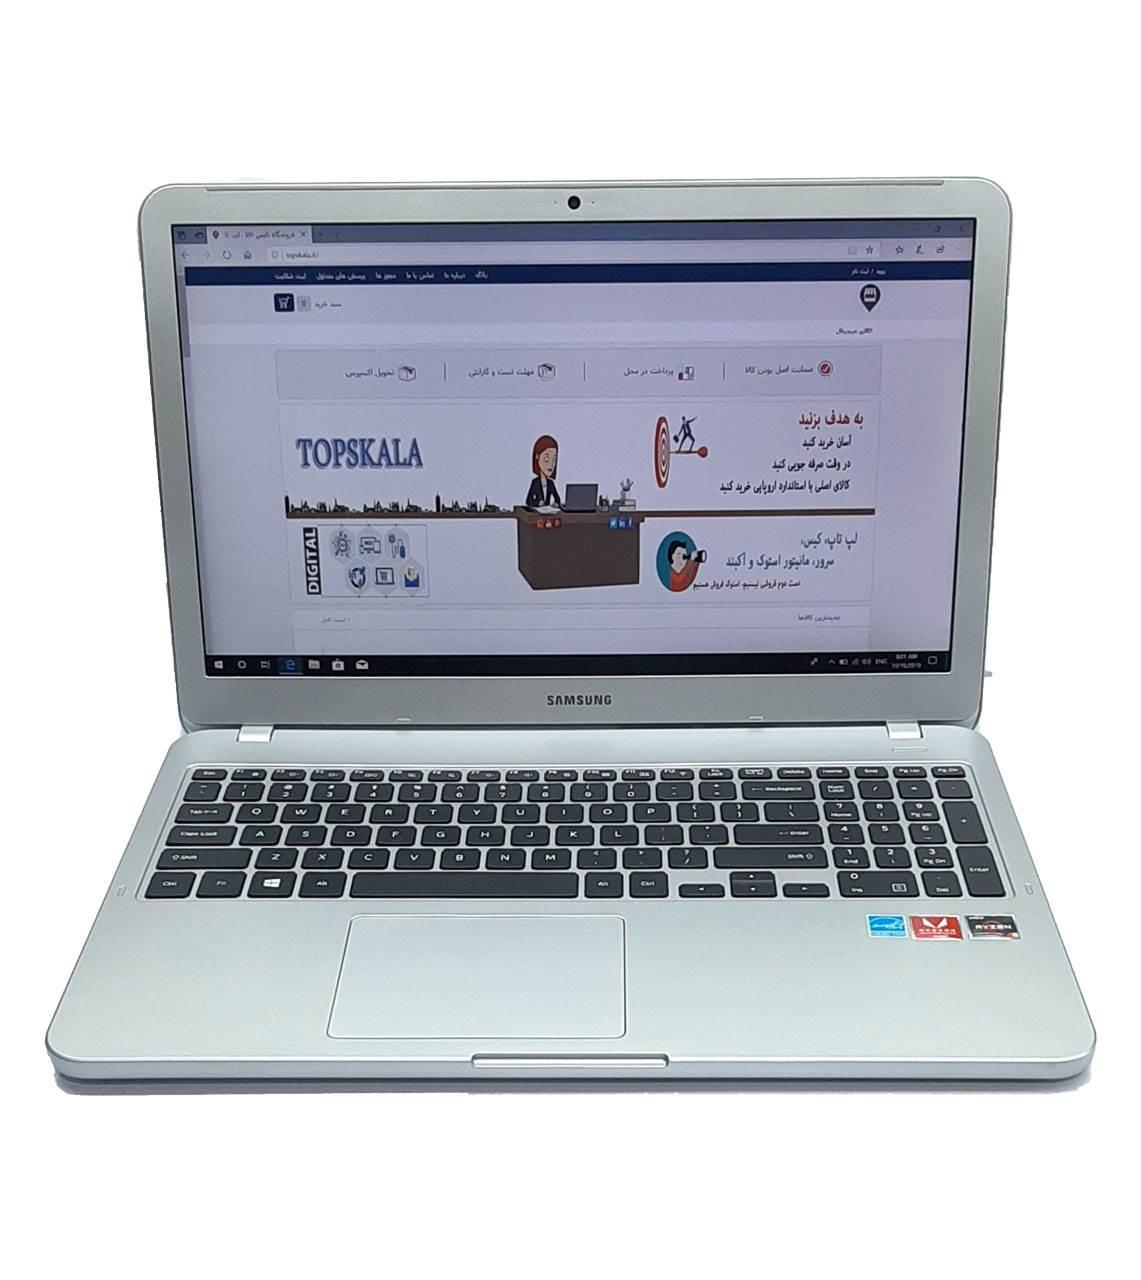 لپ تاپ استوک سامسونگ مدل Samsung 550XTA-550XTZ